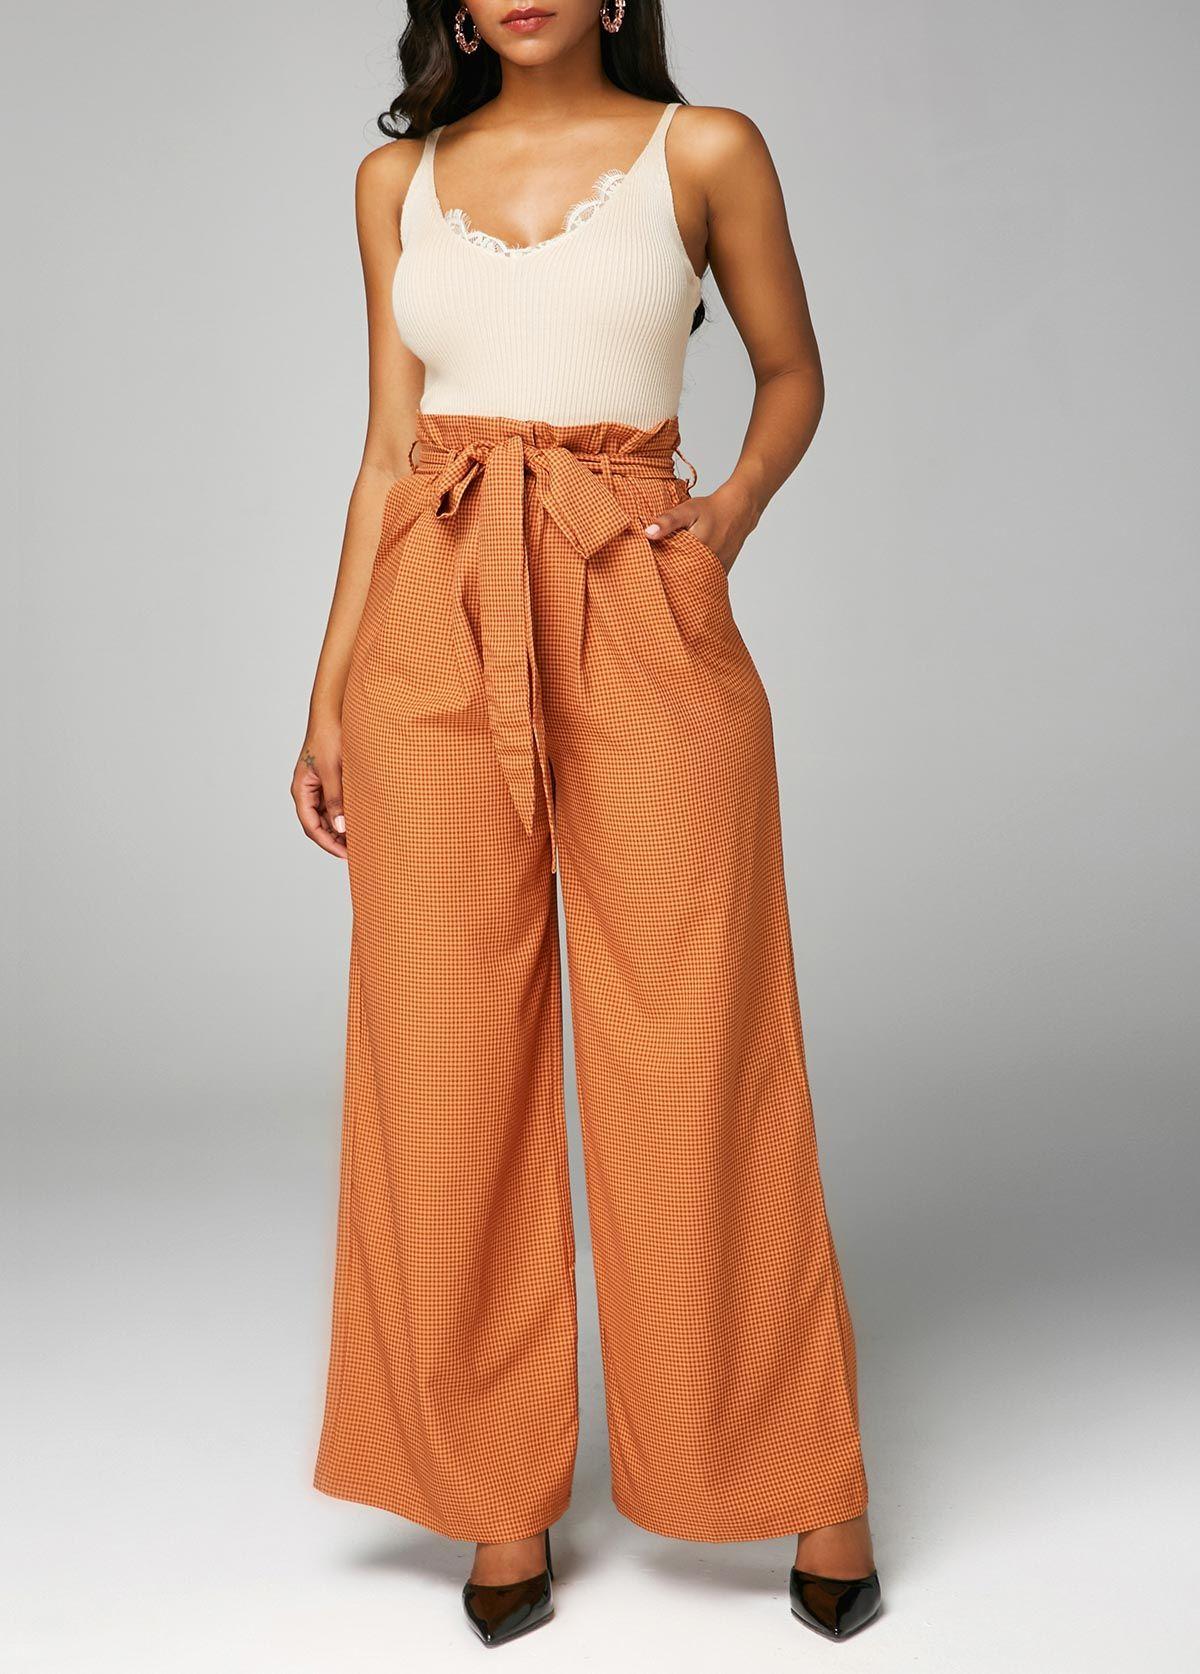 81766e92807 Pocket Paperbag Waist Belted Wide Leg Pants